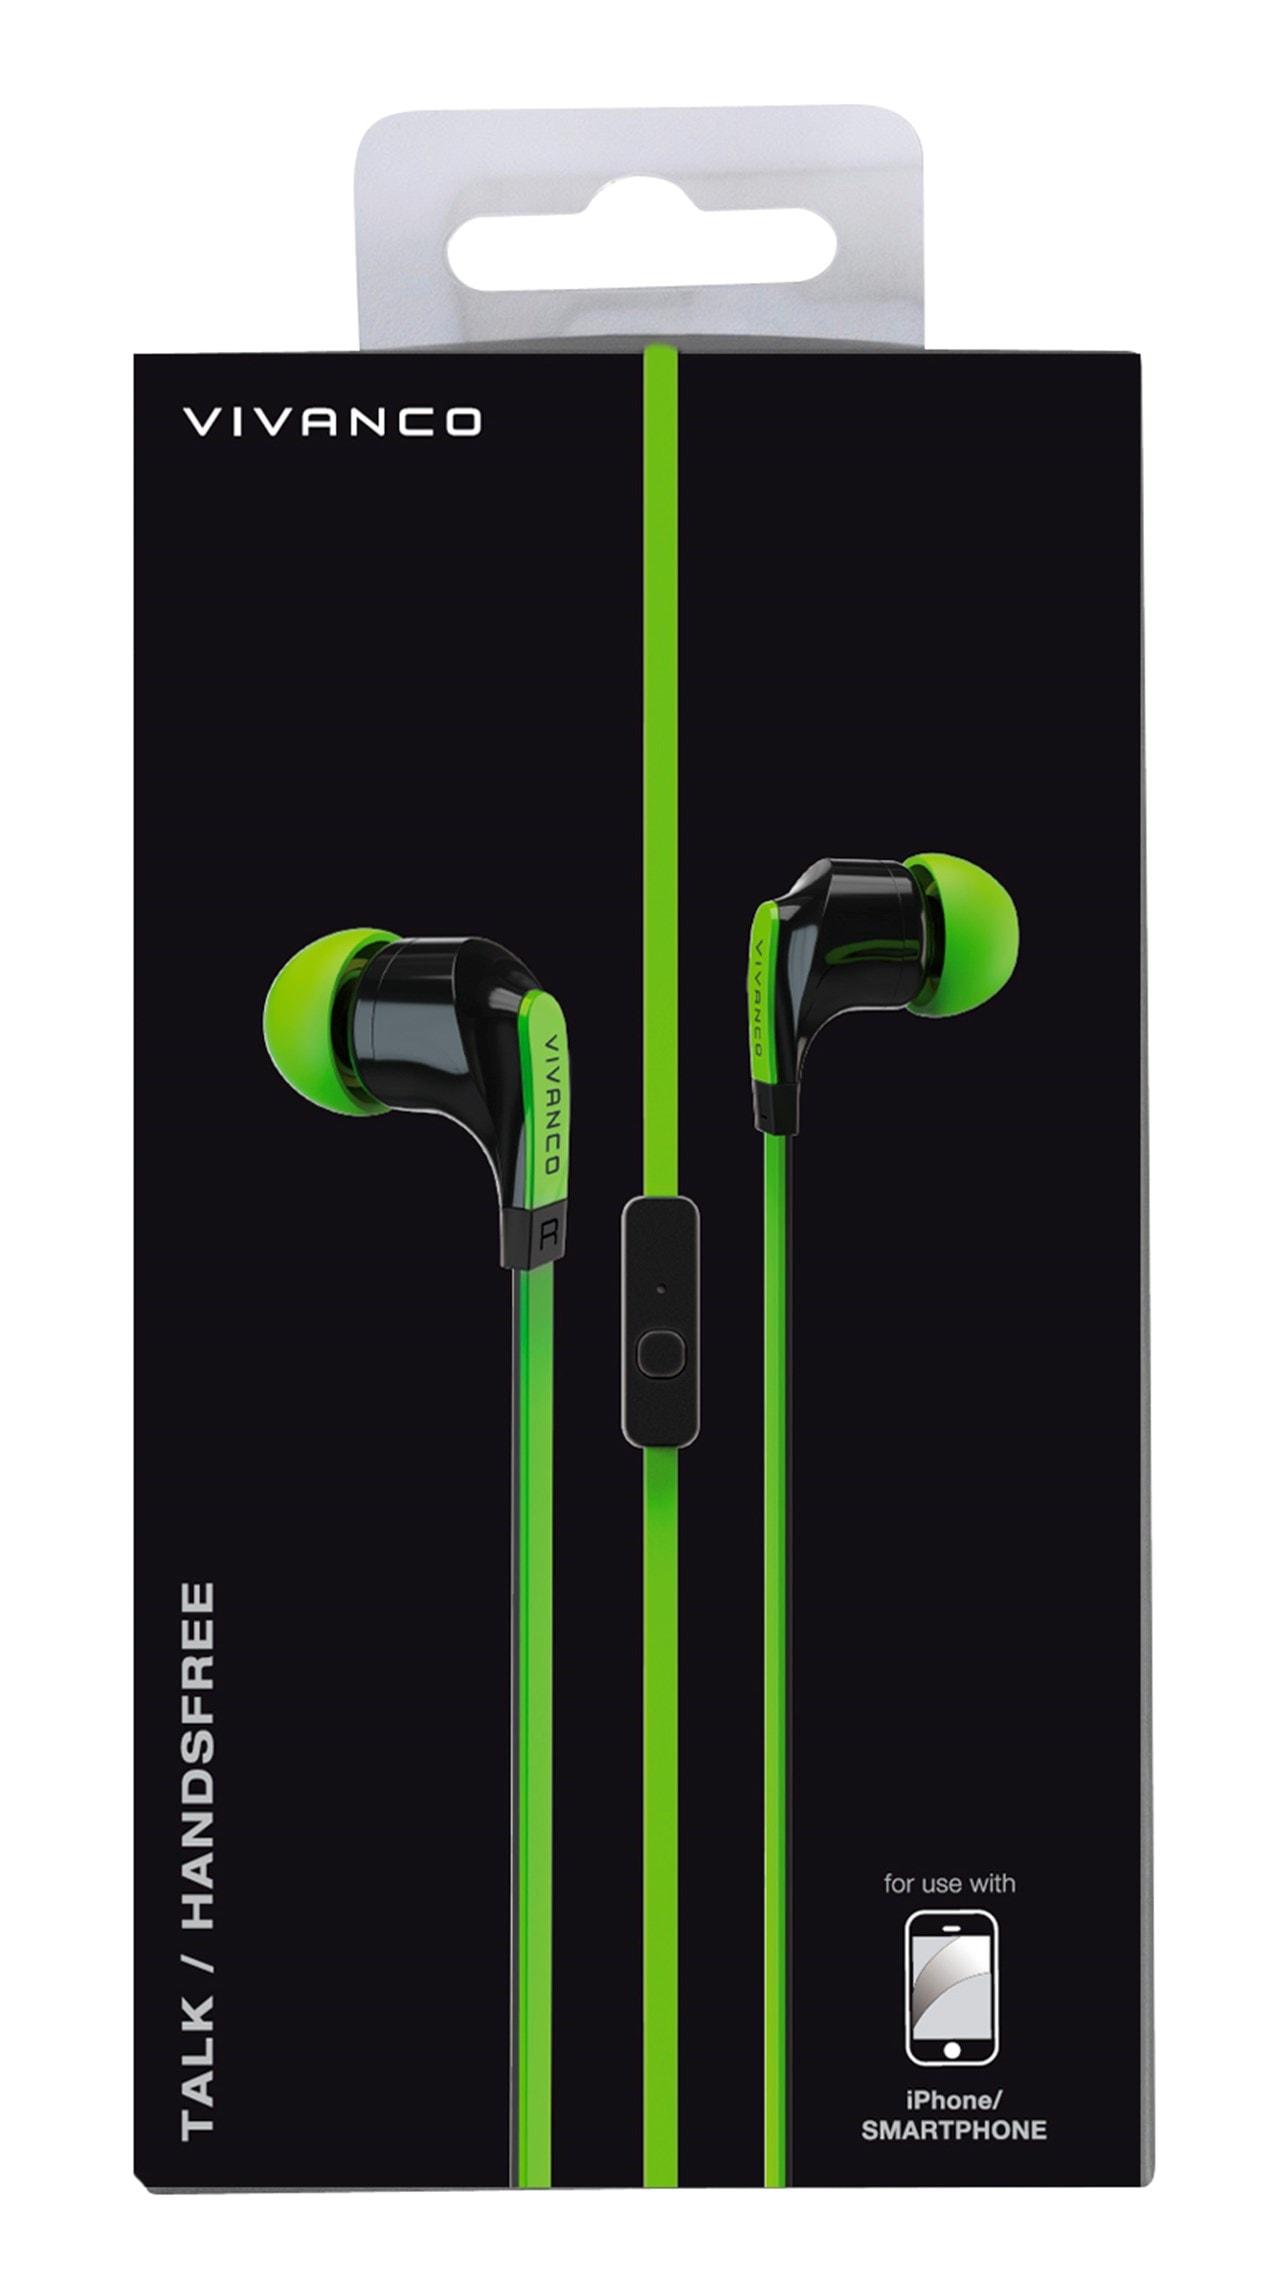 Vivanco Talk 4 Green Earphones - 2